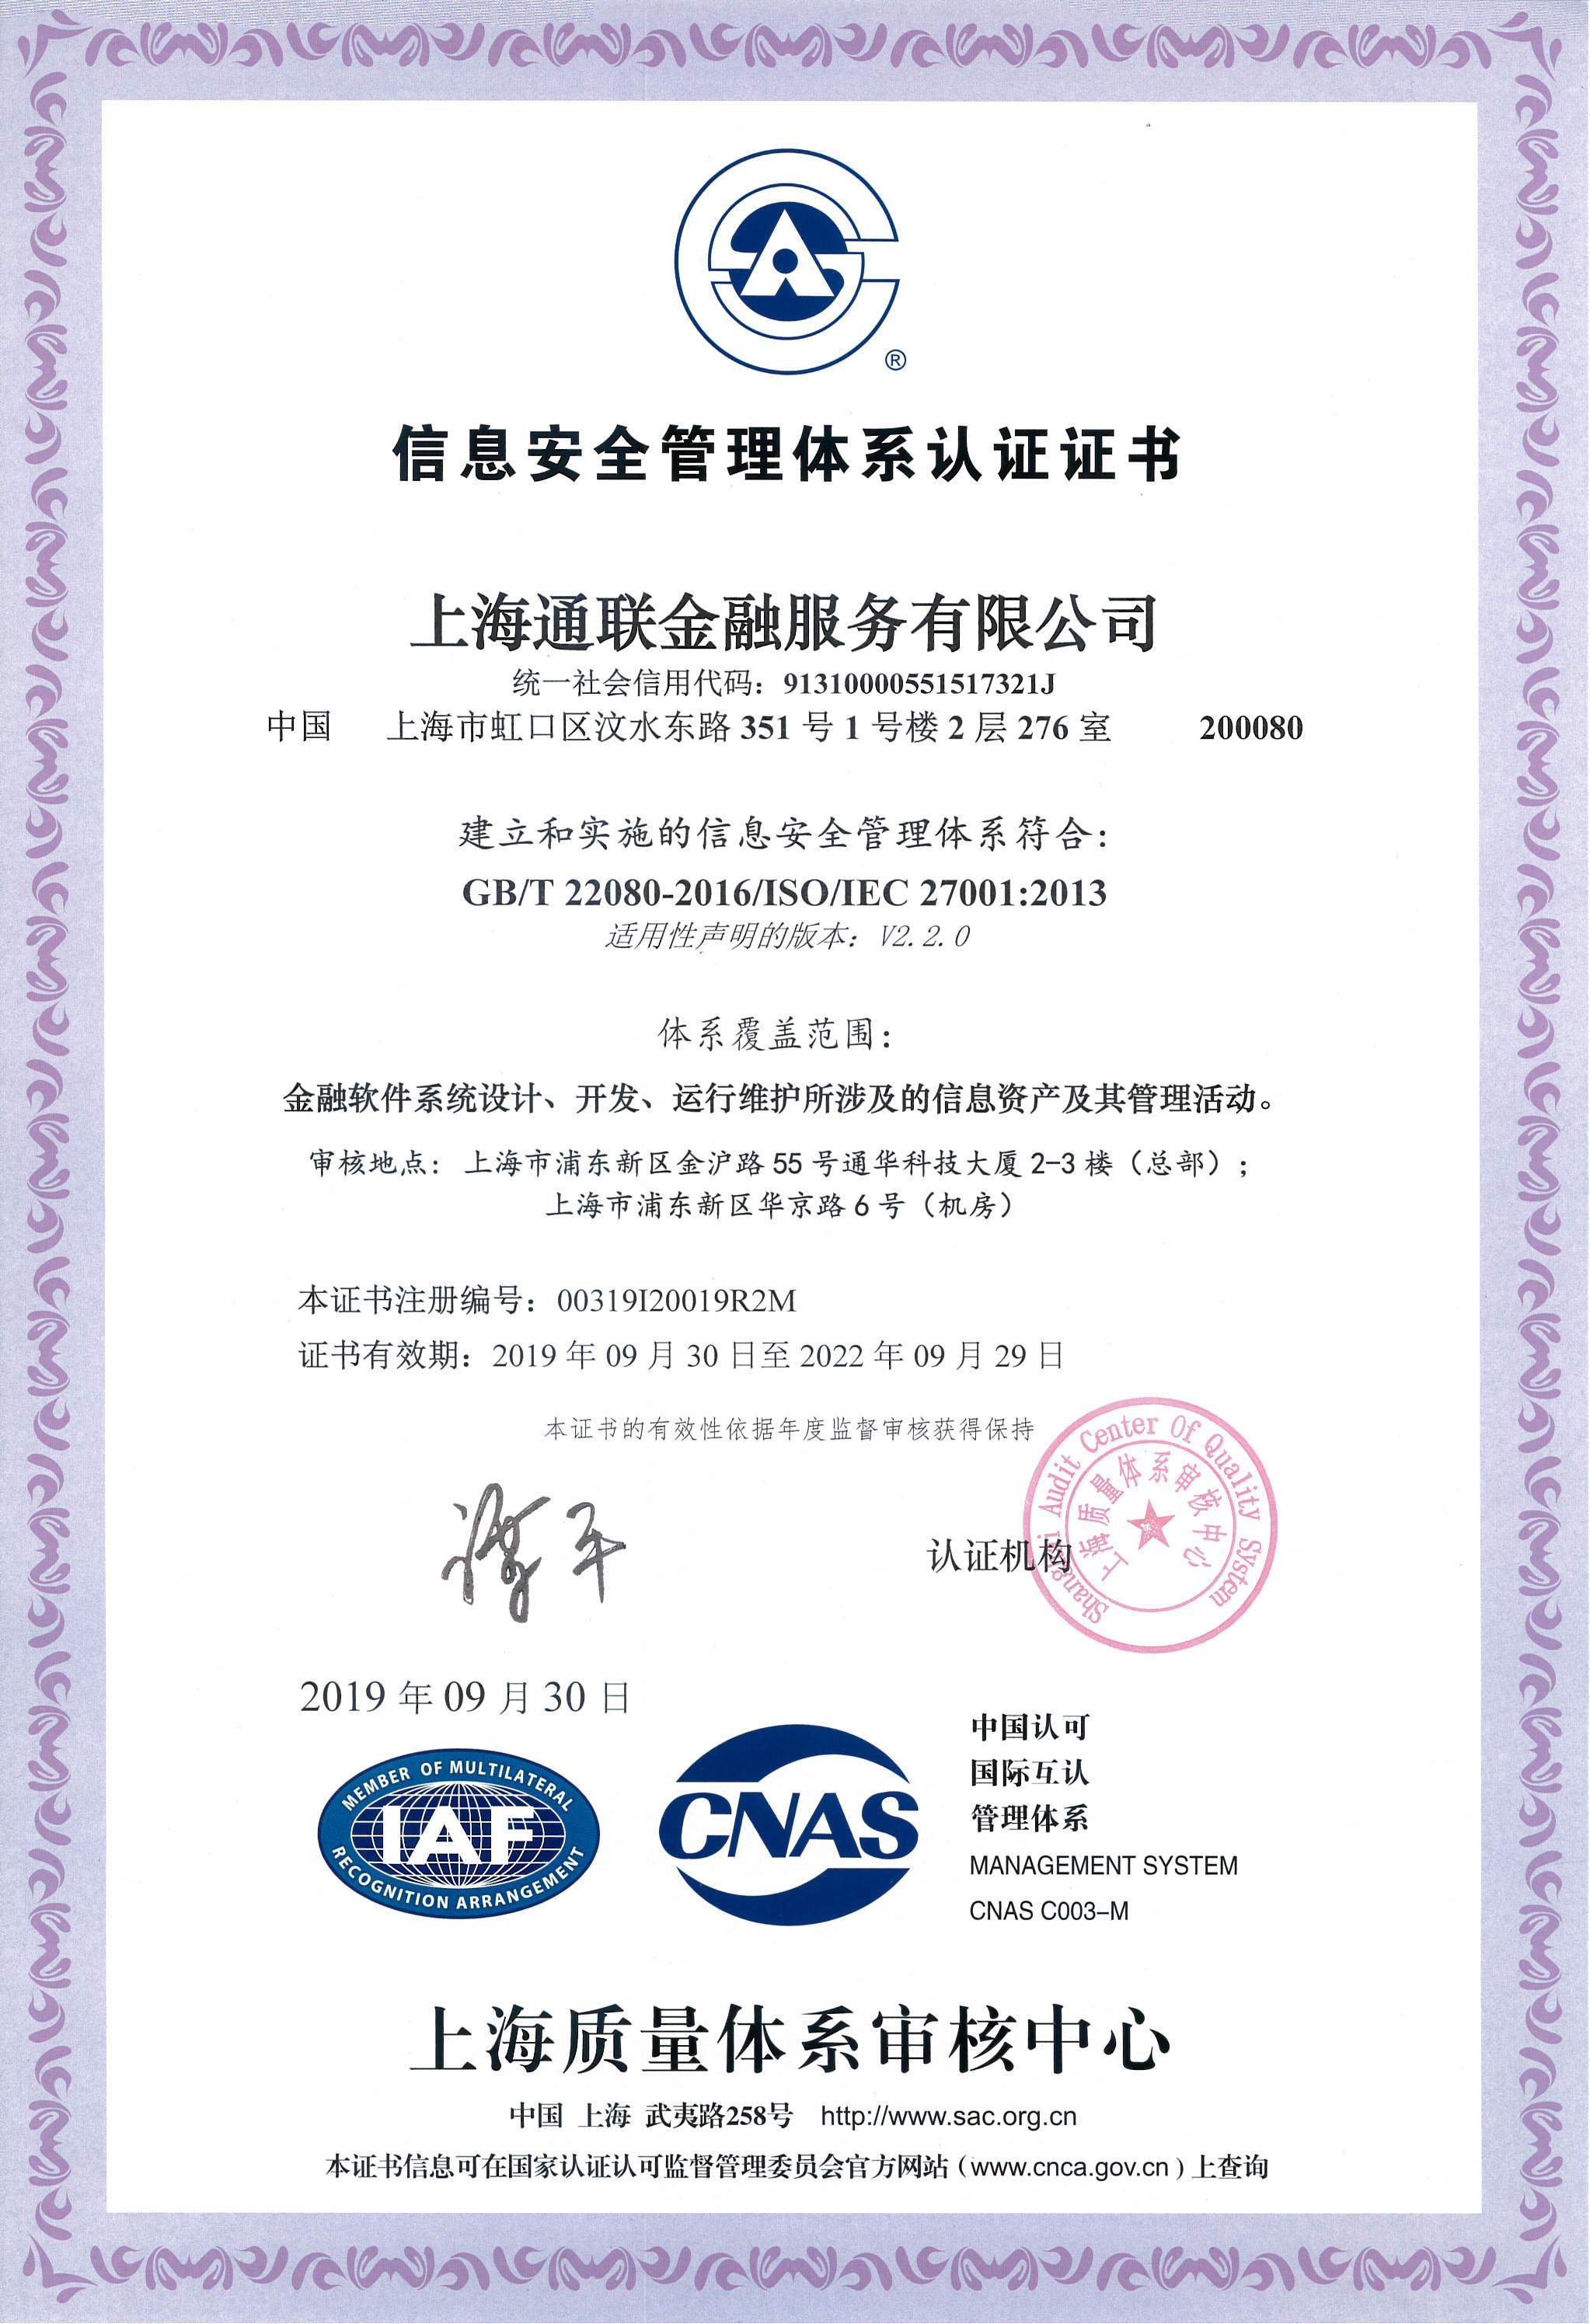 信息安全管理體系認證證書-中文版2019